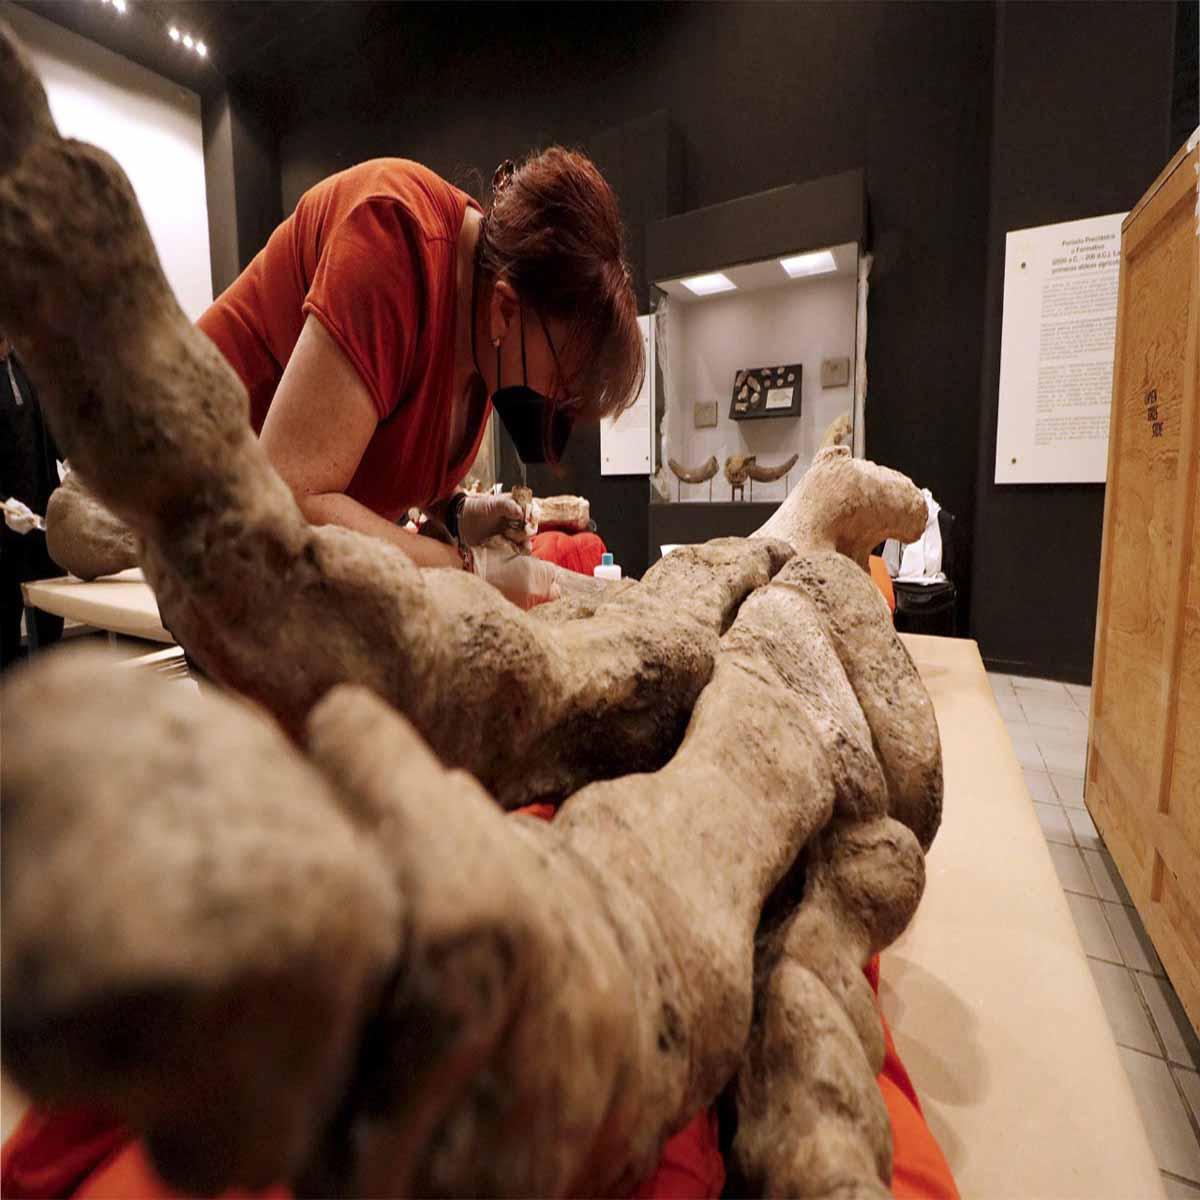 Visita la exposición del Mamut en Toluca